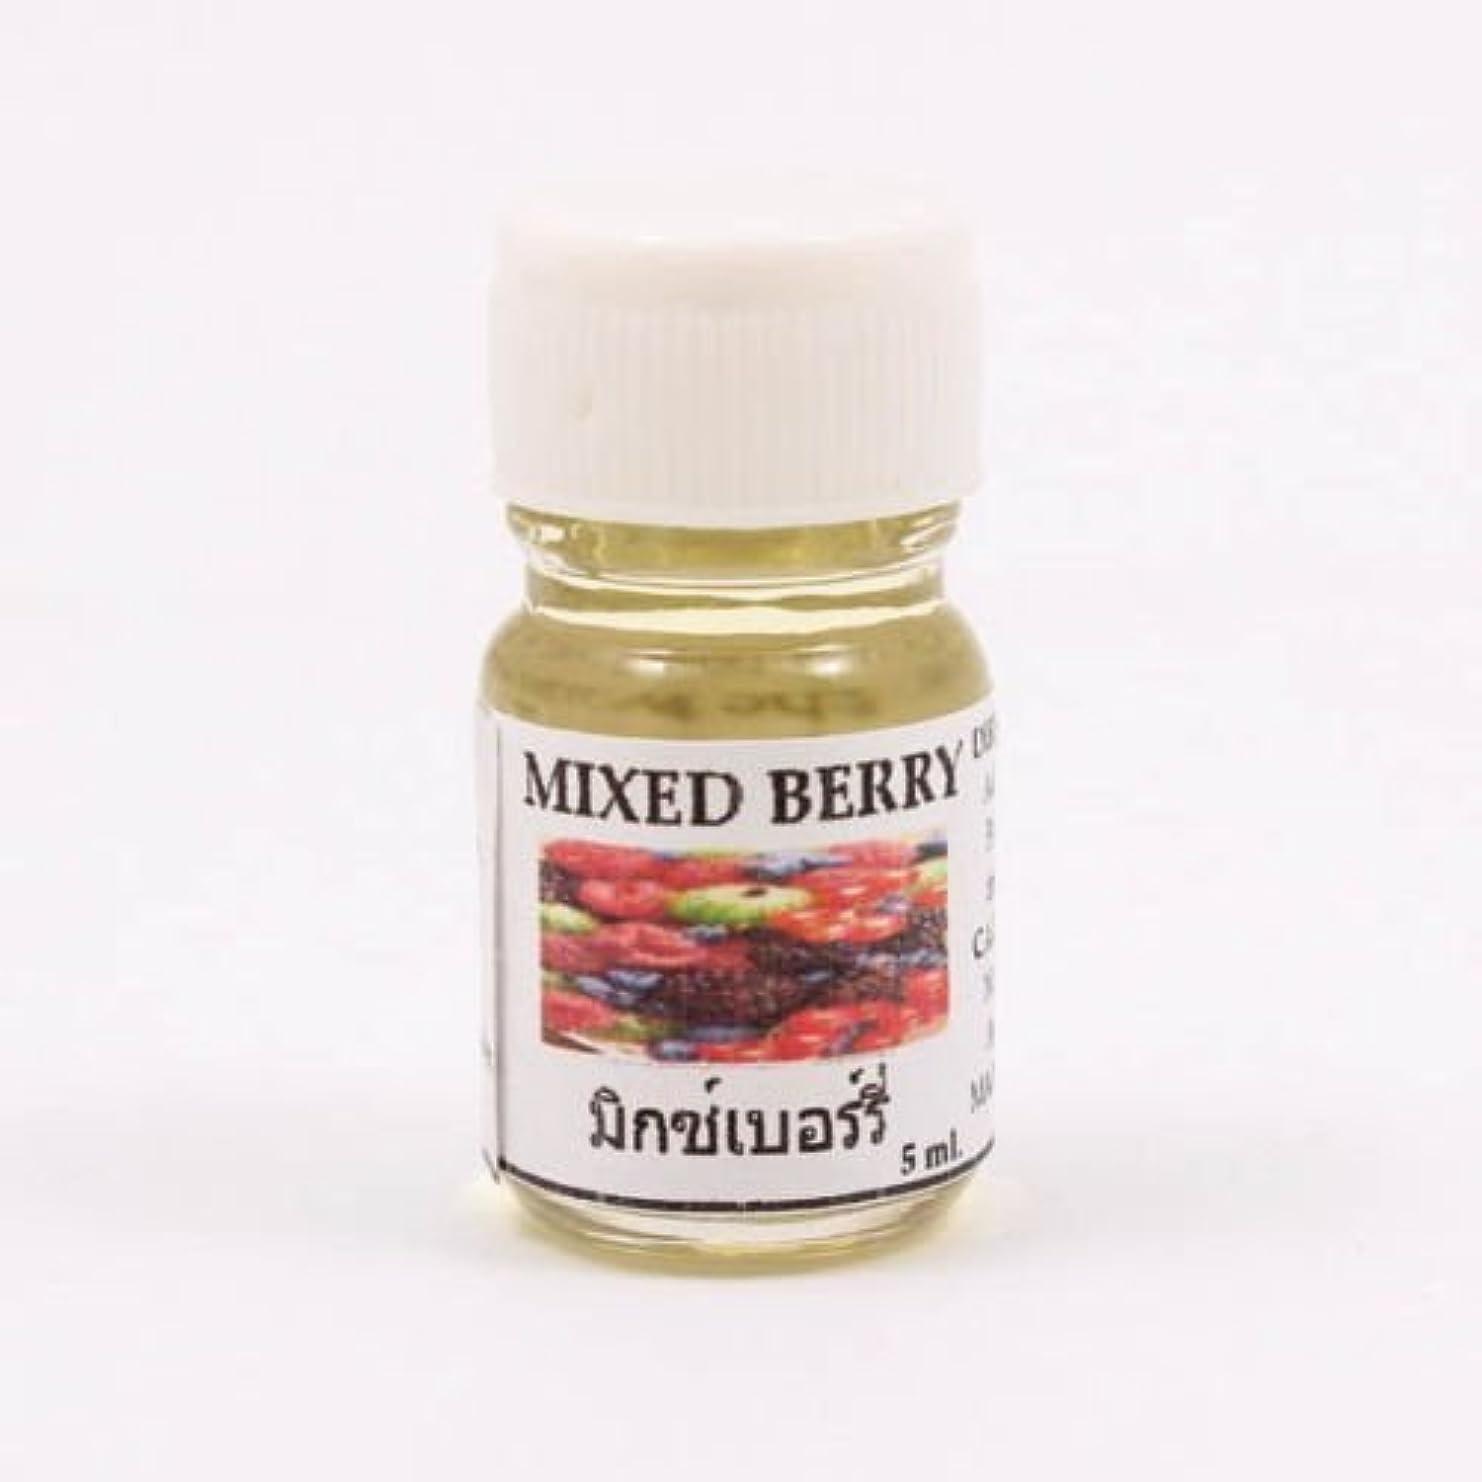 国内の修理工涙6X Mixed Berry Aroma Fragrance Essential Oil 5ML Diffuser Burner Therapy